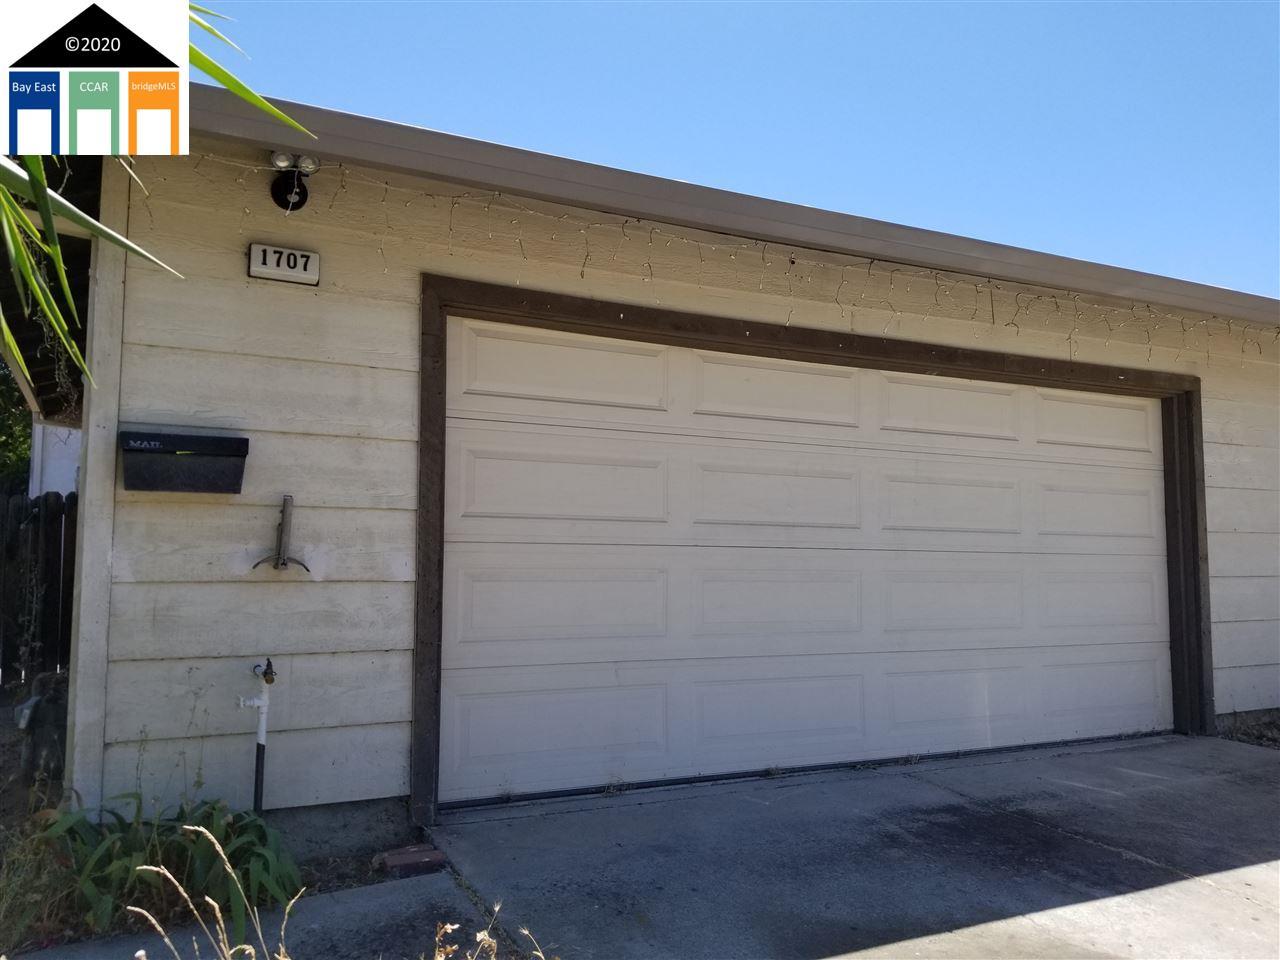 1707 Springwood Antioch, CA 94509